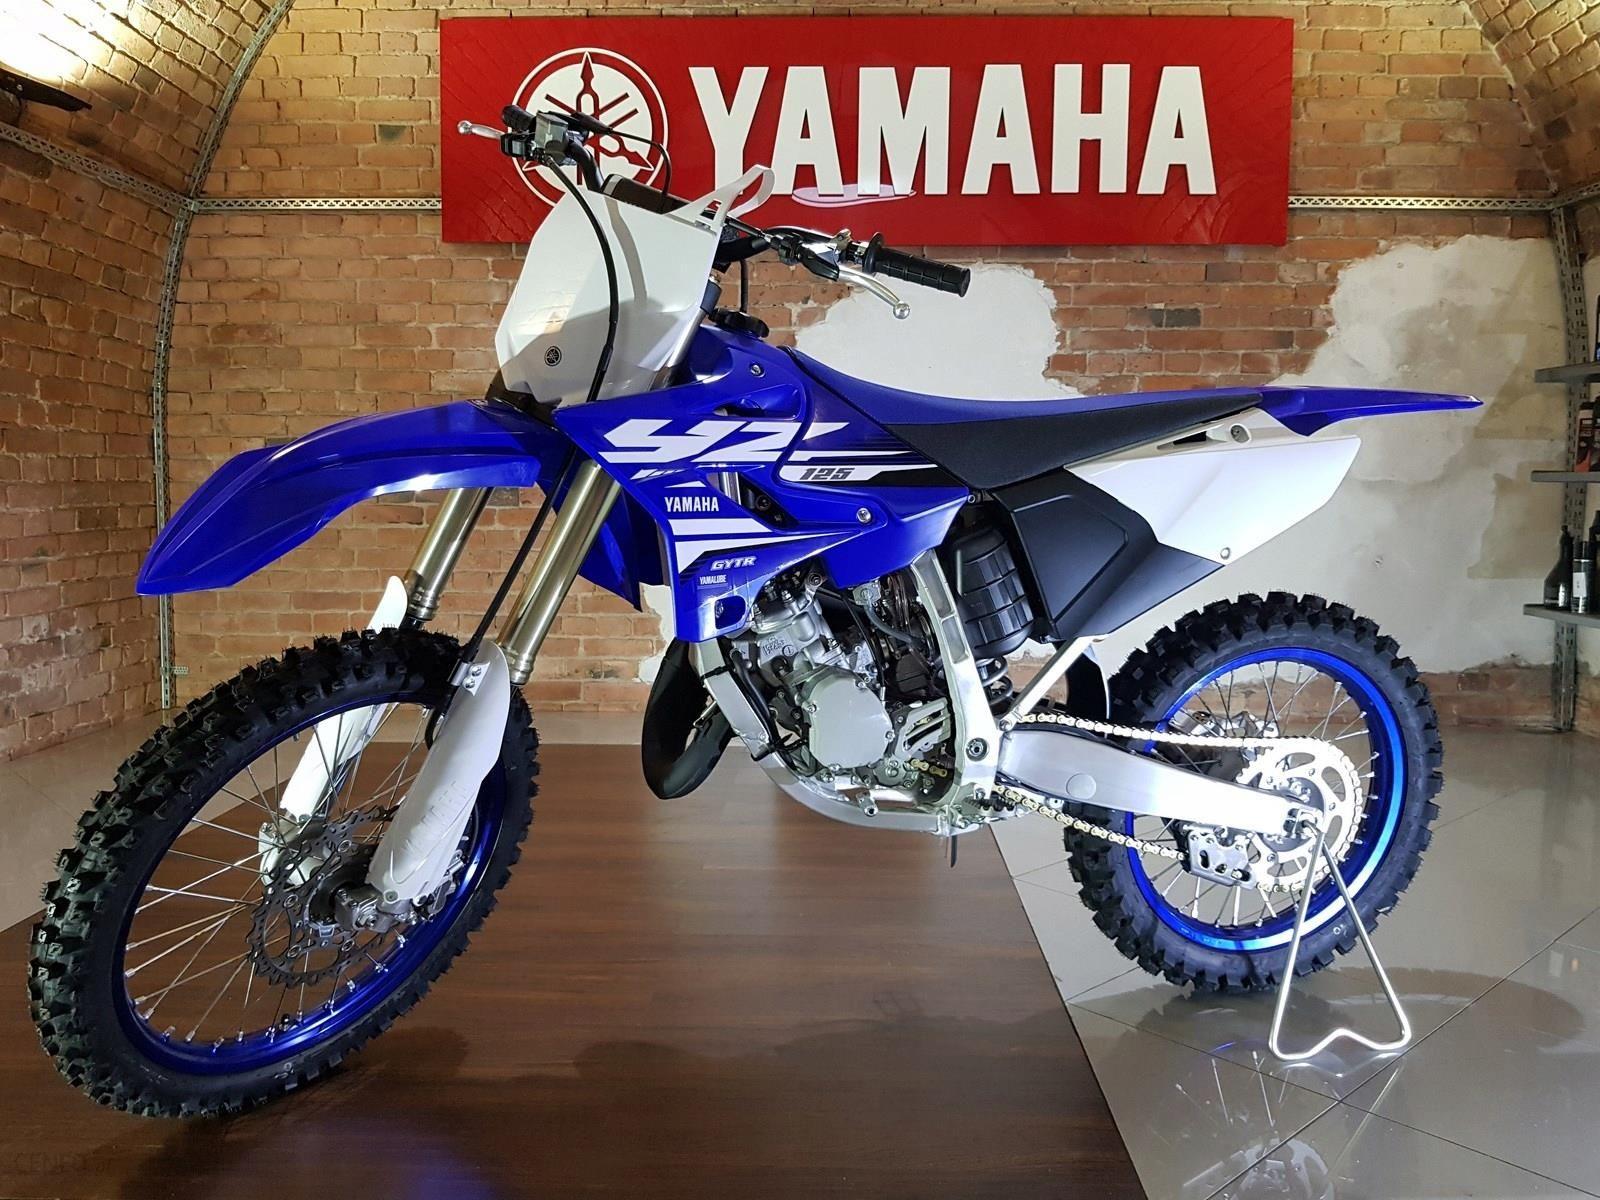 Yamaha Yz125 Nowy Torun Opinie I Ceny Na Ceneo Pl